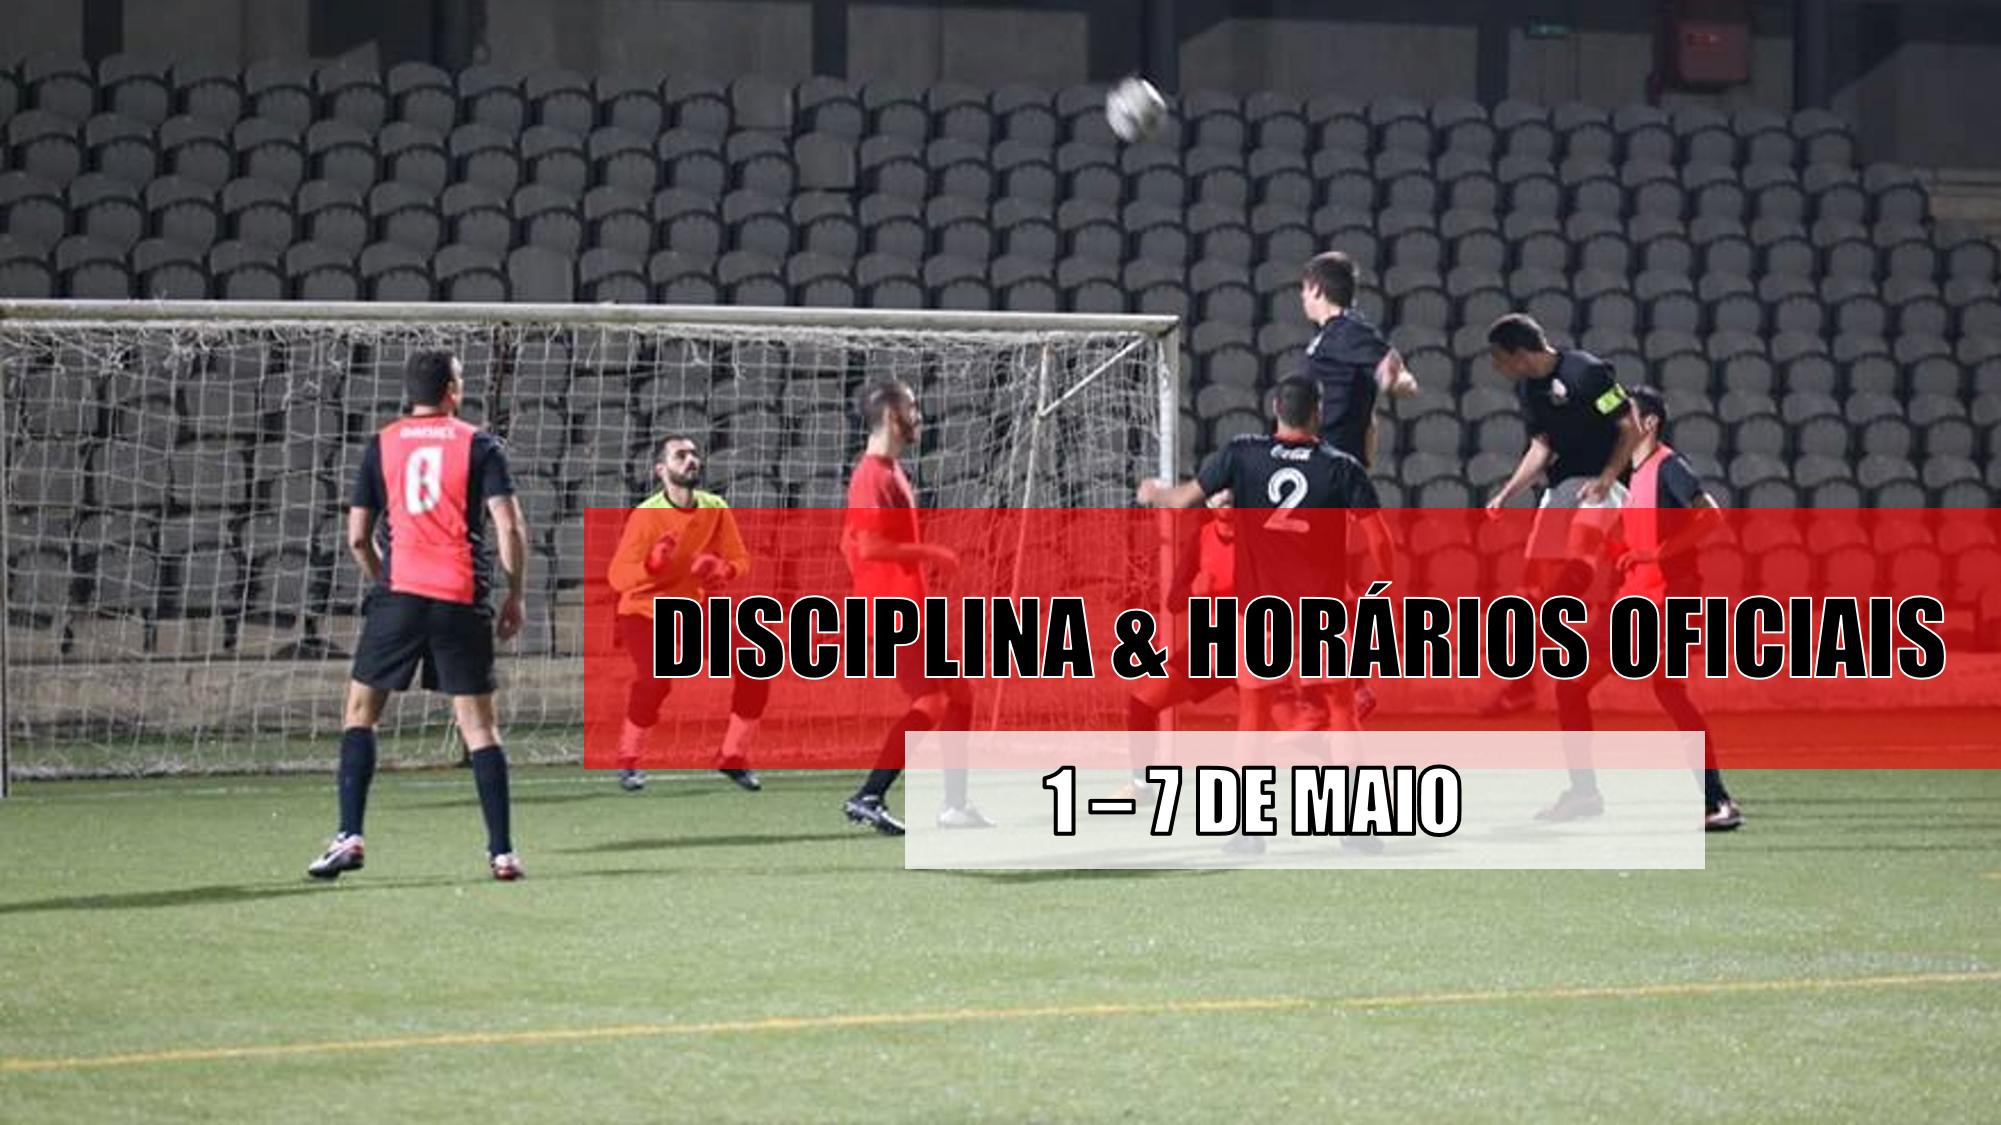 DISCIPLINA   HORÁRIOS OFICIAIS – 4 DE MAIO  4d05fdc95770a